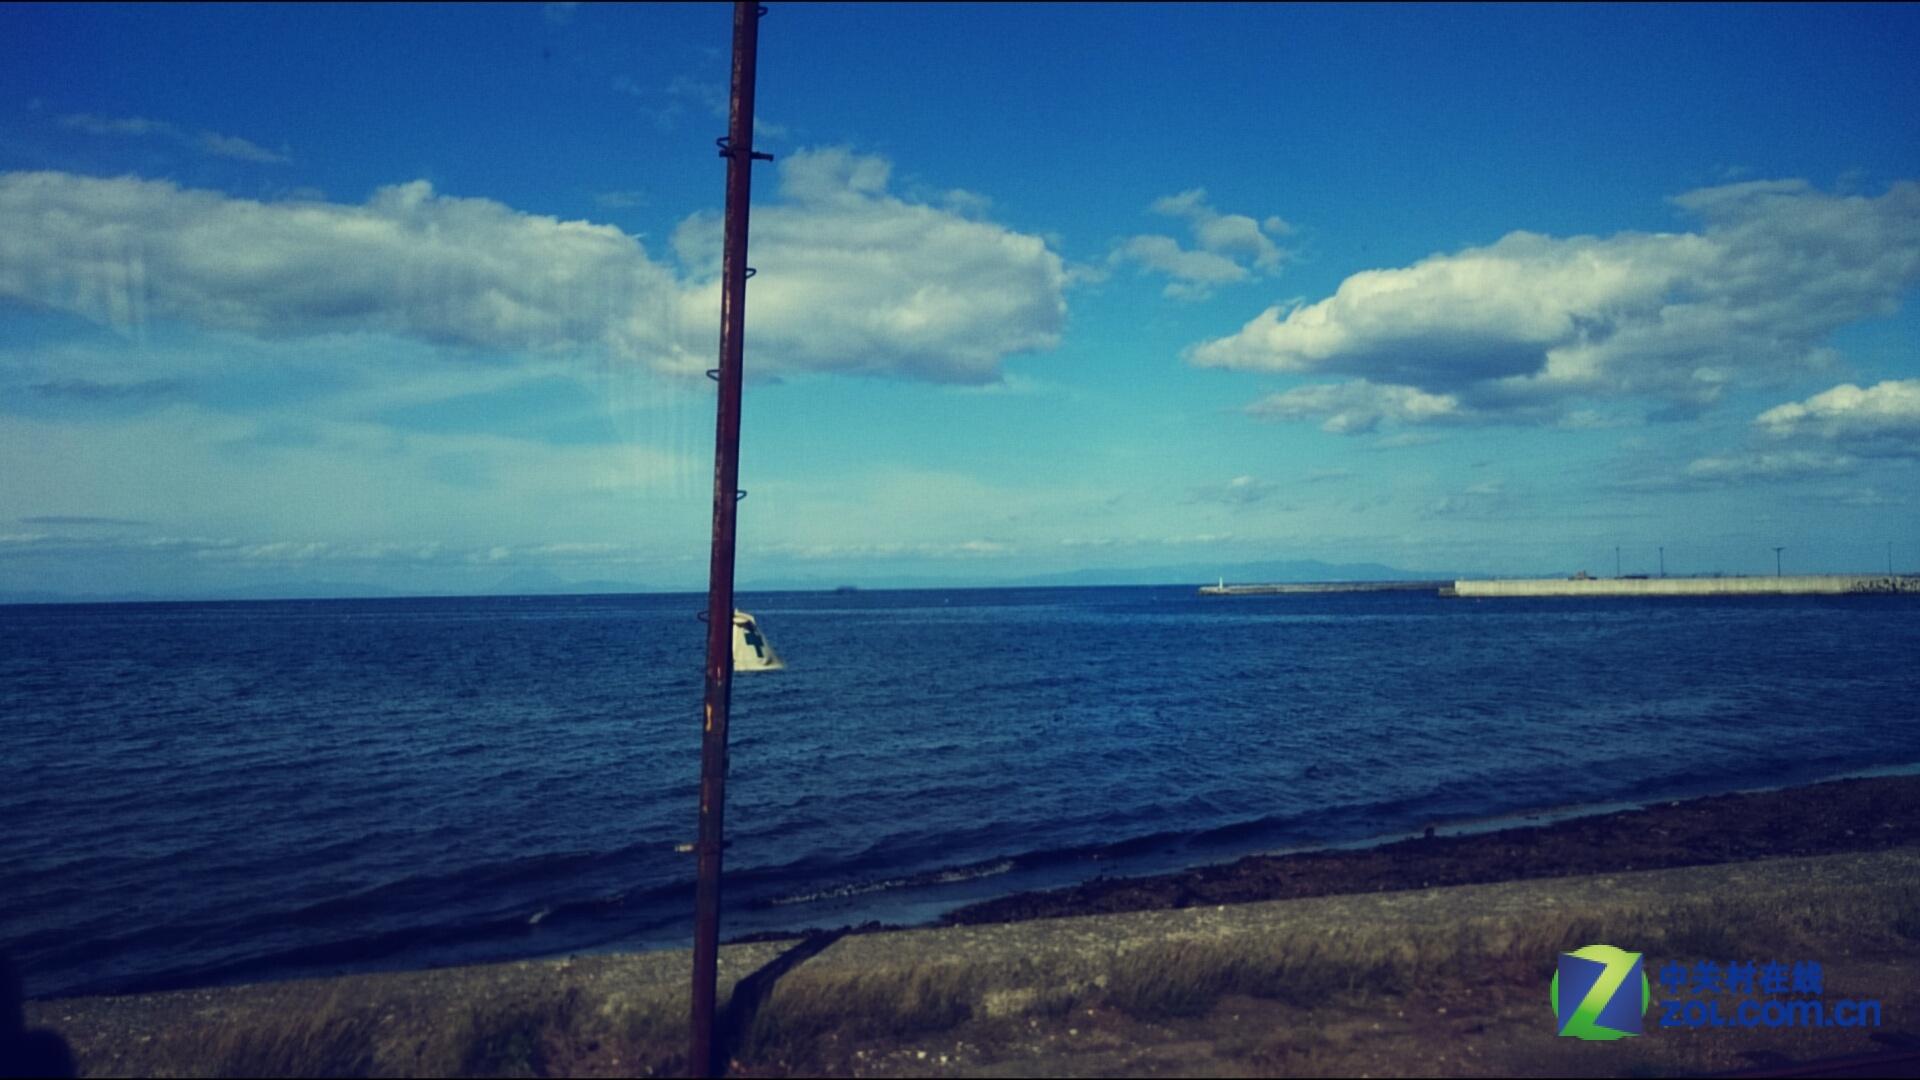 从车窗看出去的风景非常好,偶尔还能看到海边的水泥墩上蹲满了海鸥.